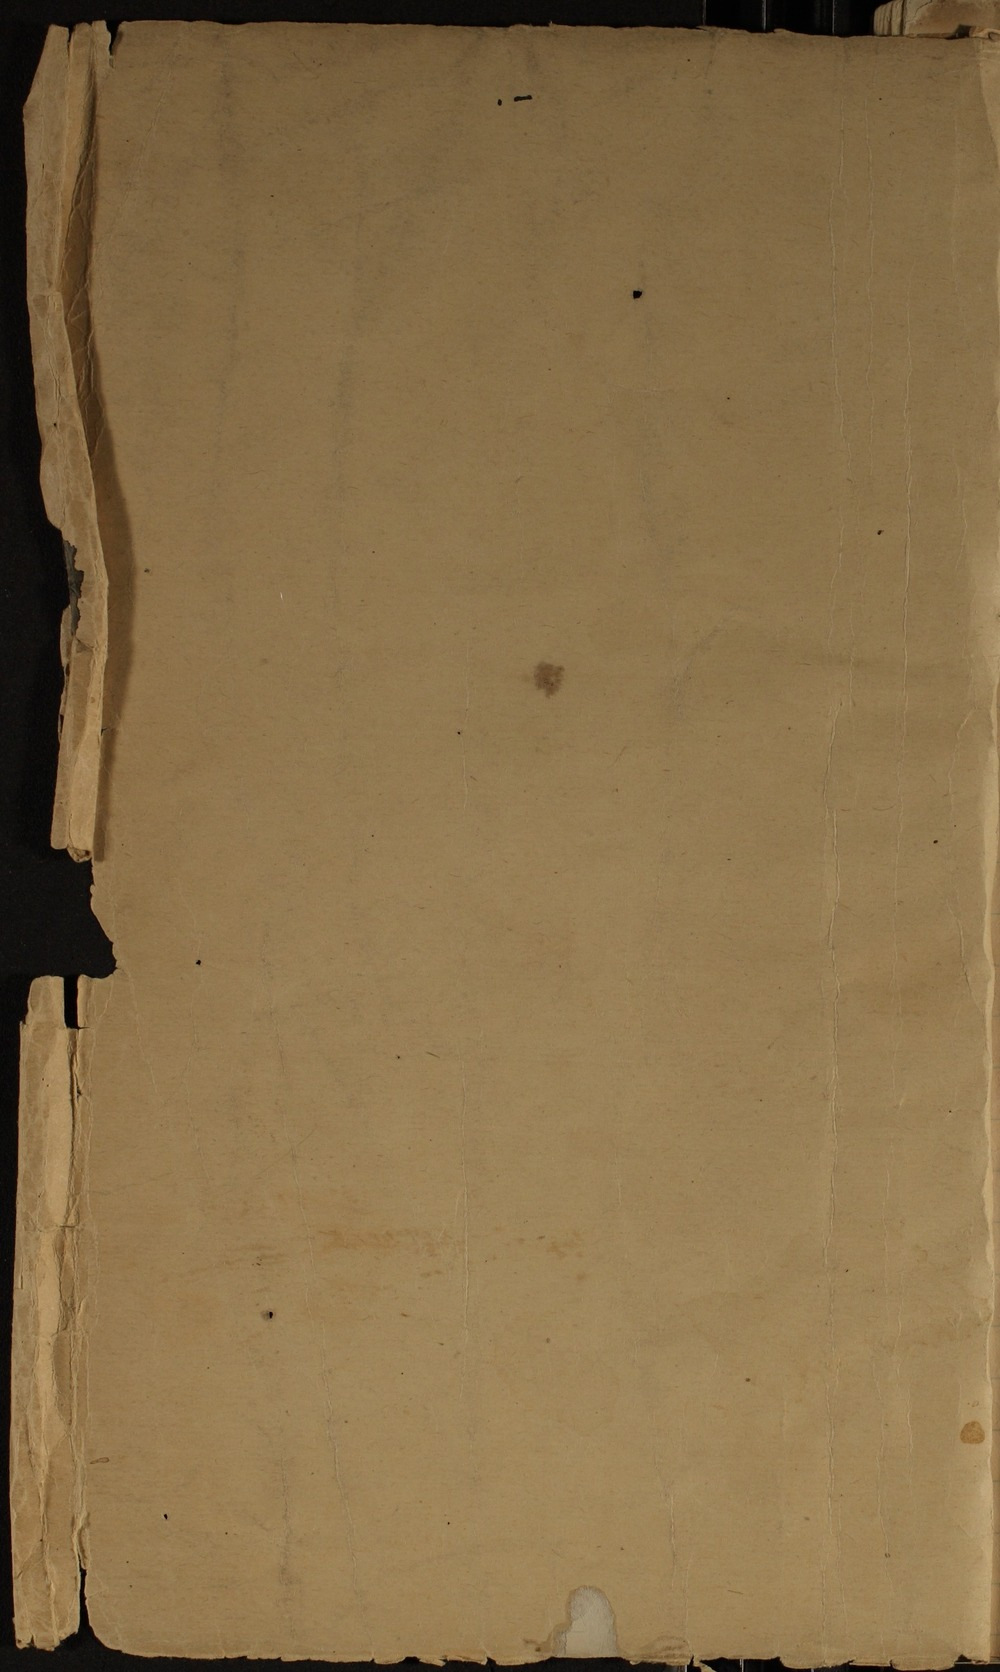 Samuel J. Reader's autobiography, volume 1 - Inside Front Cover